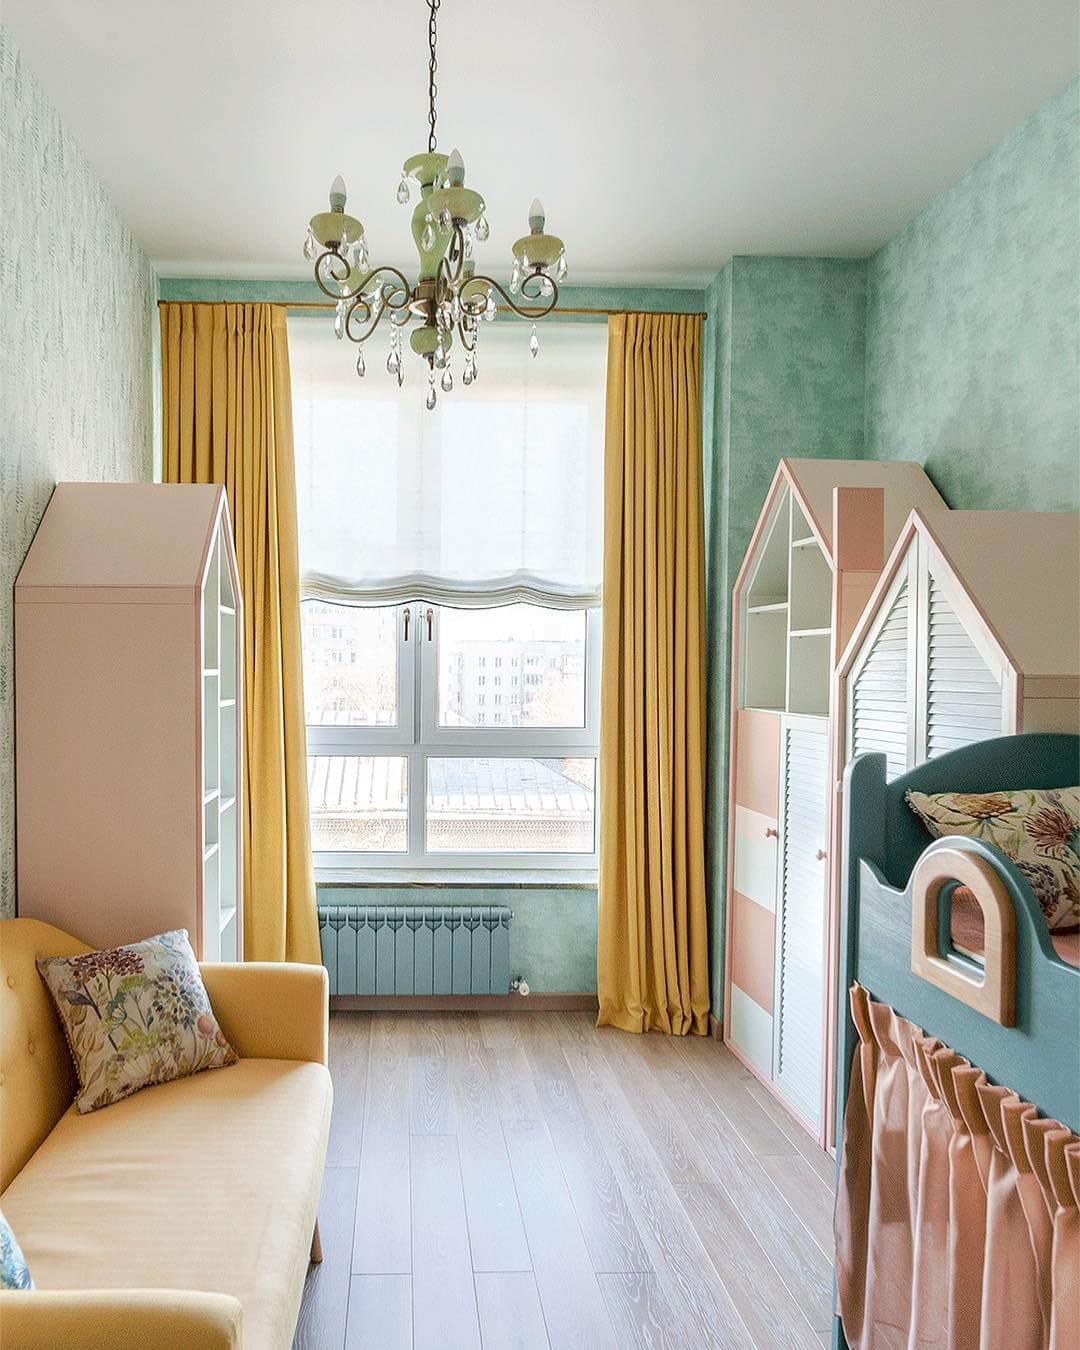 Дизайн гостиной в бирюзовом цвете: 55 лучших идей и реализаций в интерьере